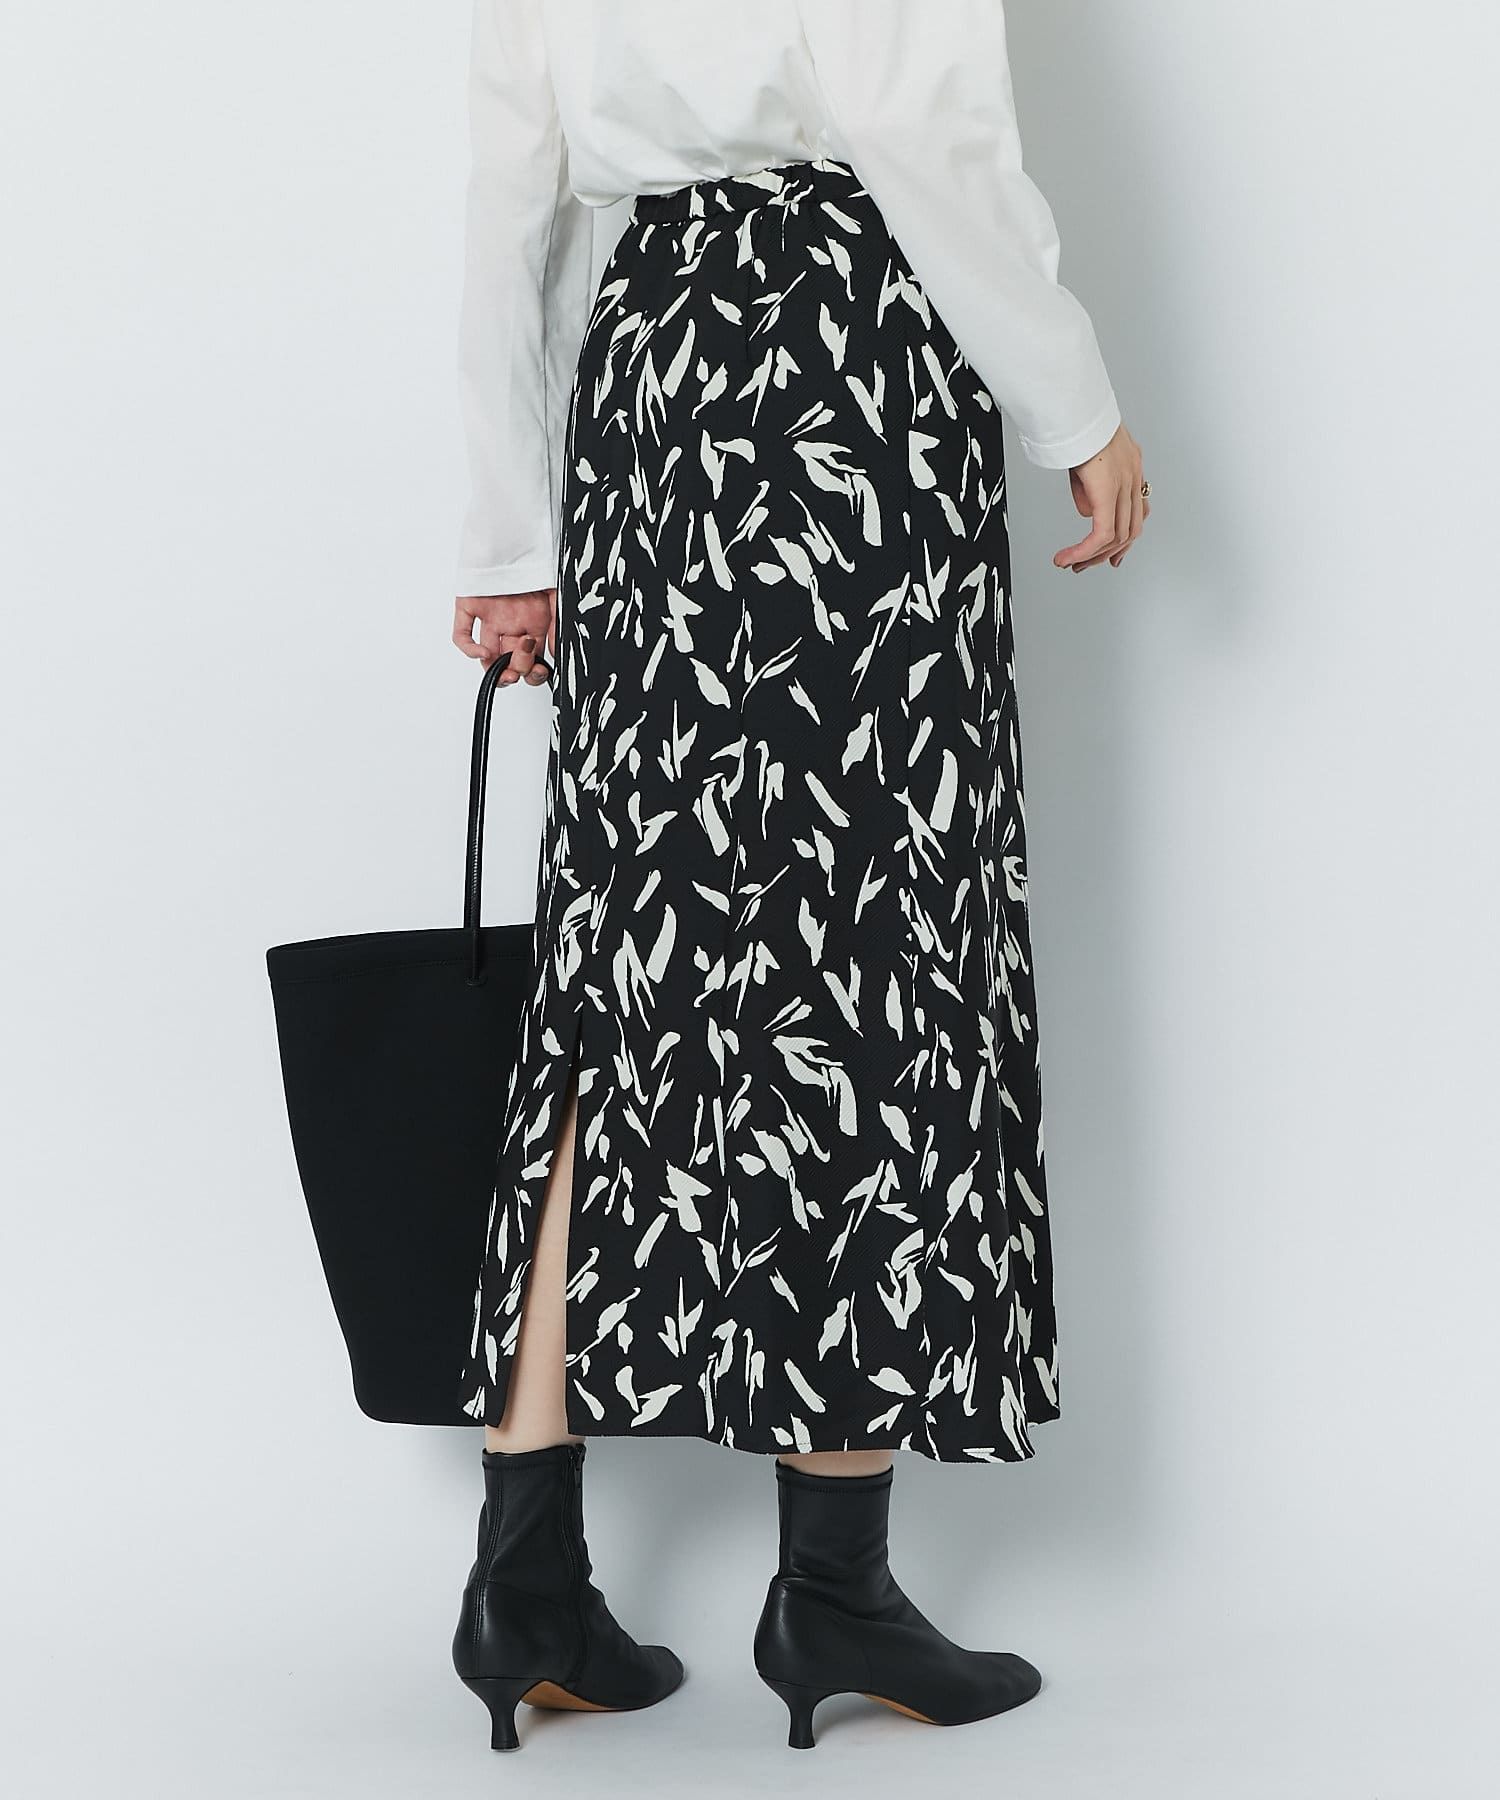 OUTLET premium(アウトレット プレミアム) 【女性らしさを引き出すシルエット】アートプリントフレアスカート